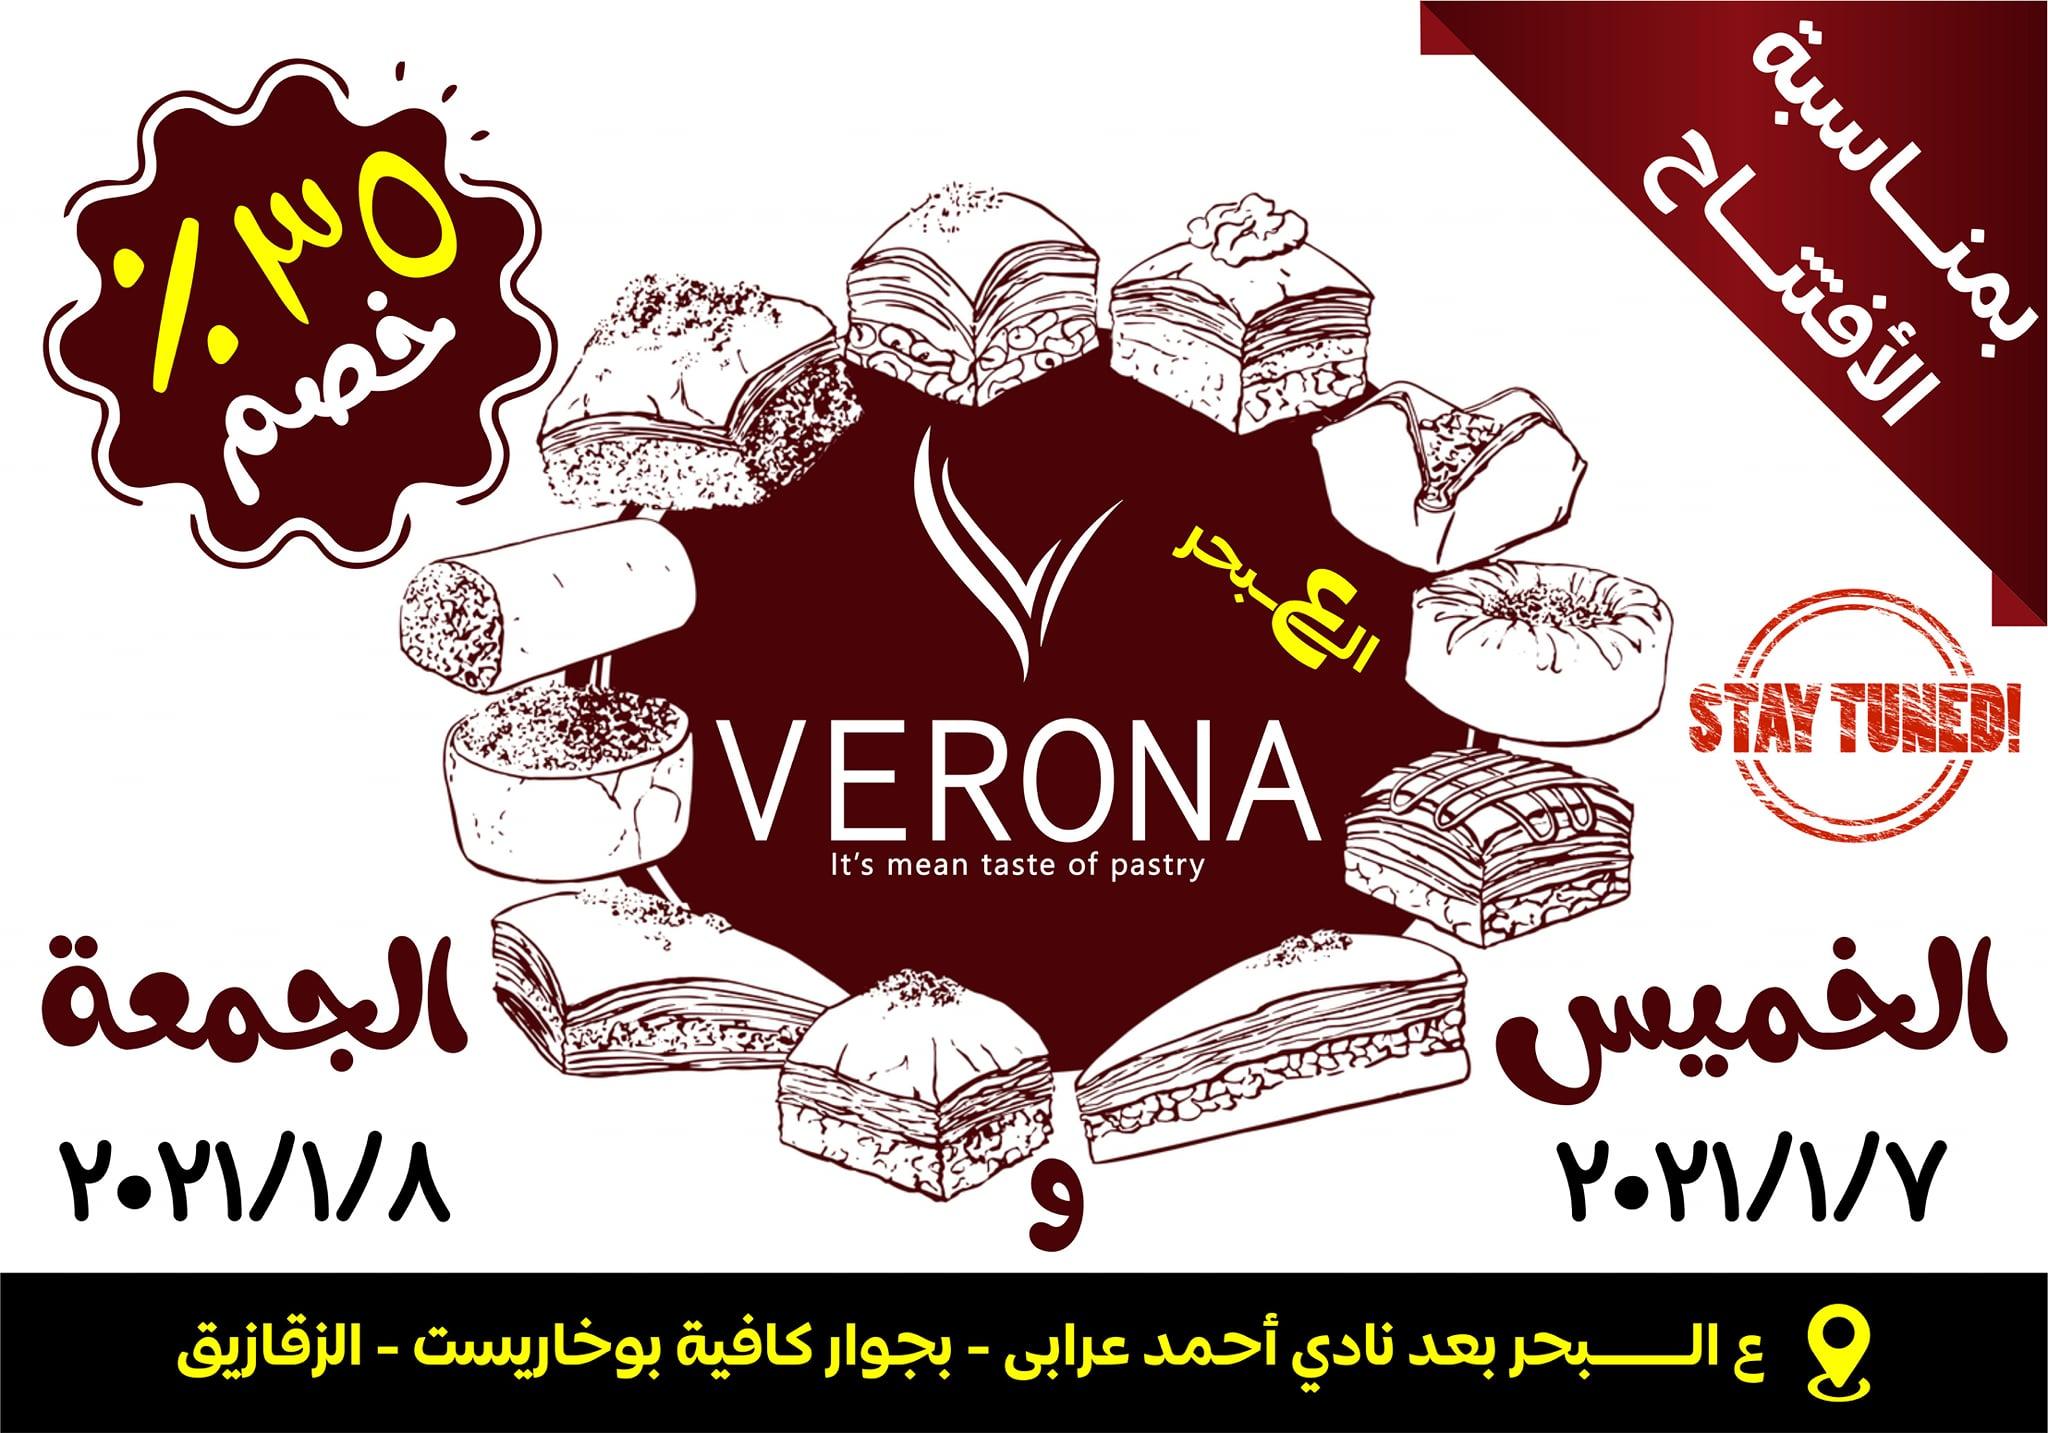 افتتاح الفرع الثاني لفيرونا في الزقازيق اليوم الخميس 7 يناير